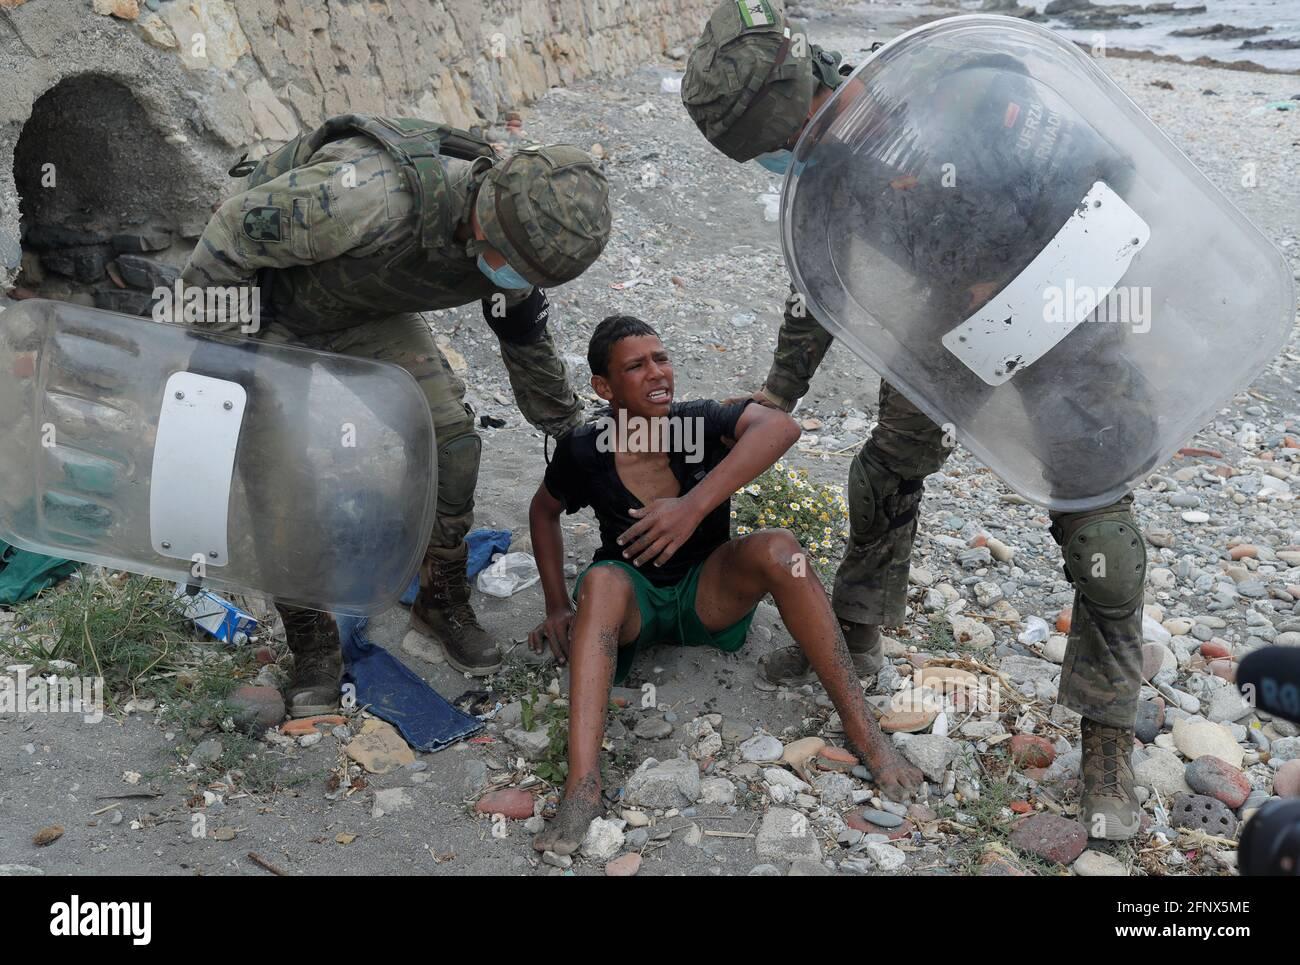 Soldati spagnoli assistono un migrante alla spiaggia di El Tarajal, vicino alla recinzione tra il confine spagnolo-marocchino, dopo che migliaia di migranti hanno attraversato il confine, a Ceuta, Spagna, 19 maggio 2021. REUTERS/Jon Nazca Foto Stock